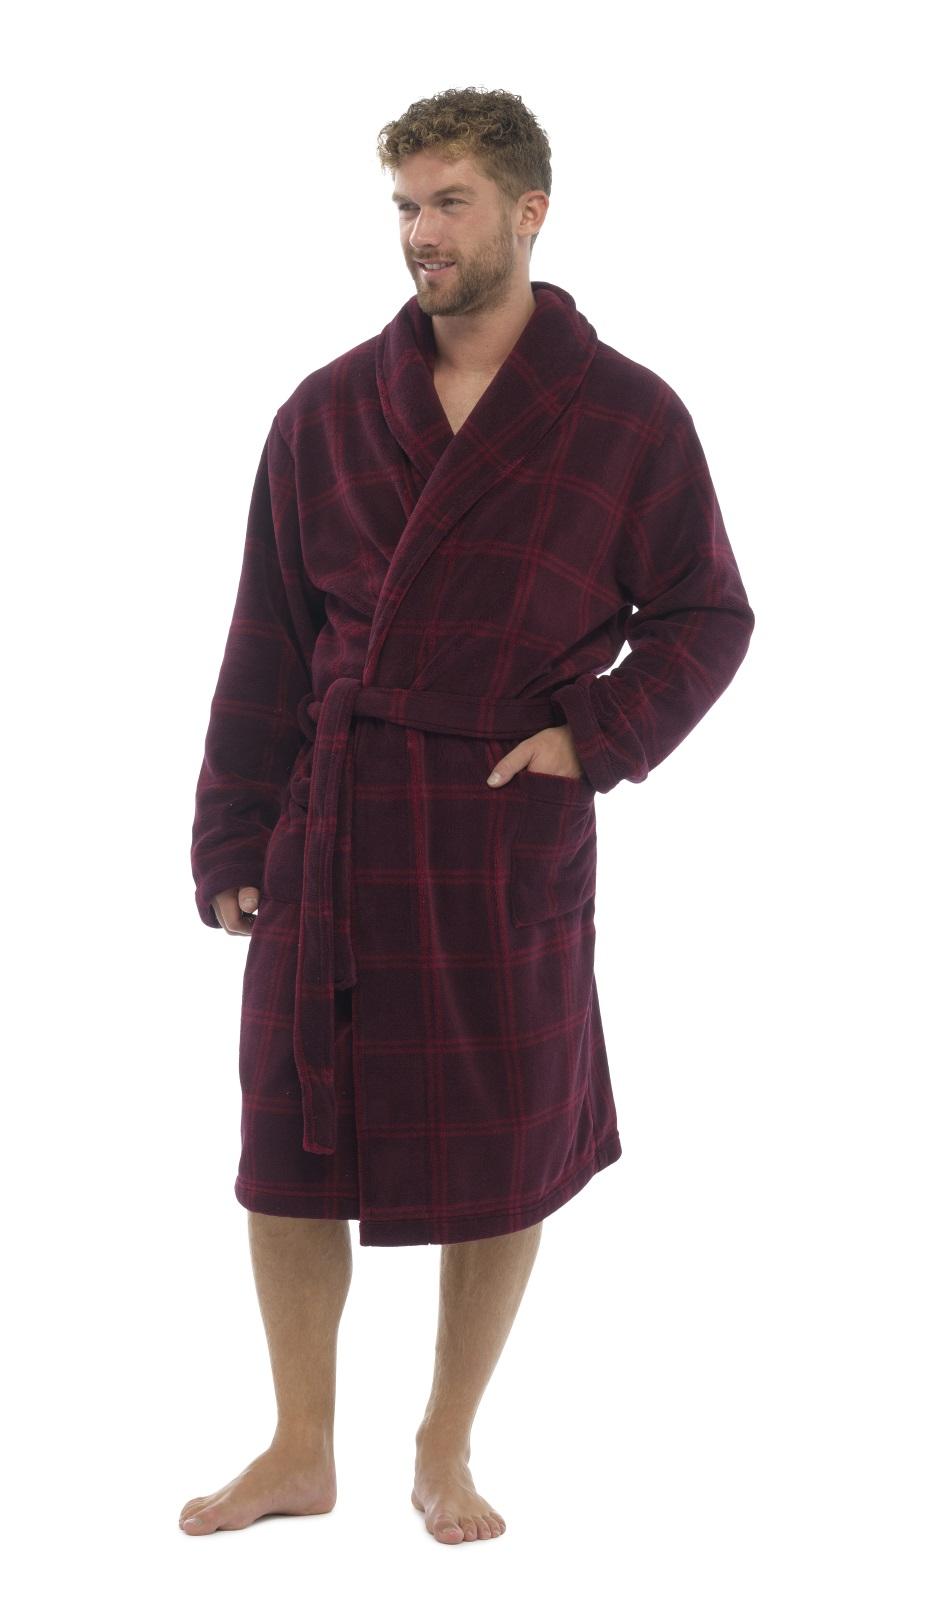 Mens Luxury Full Length Velour Fleece Robe Dressing Gown Boys Gents